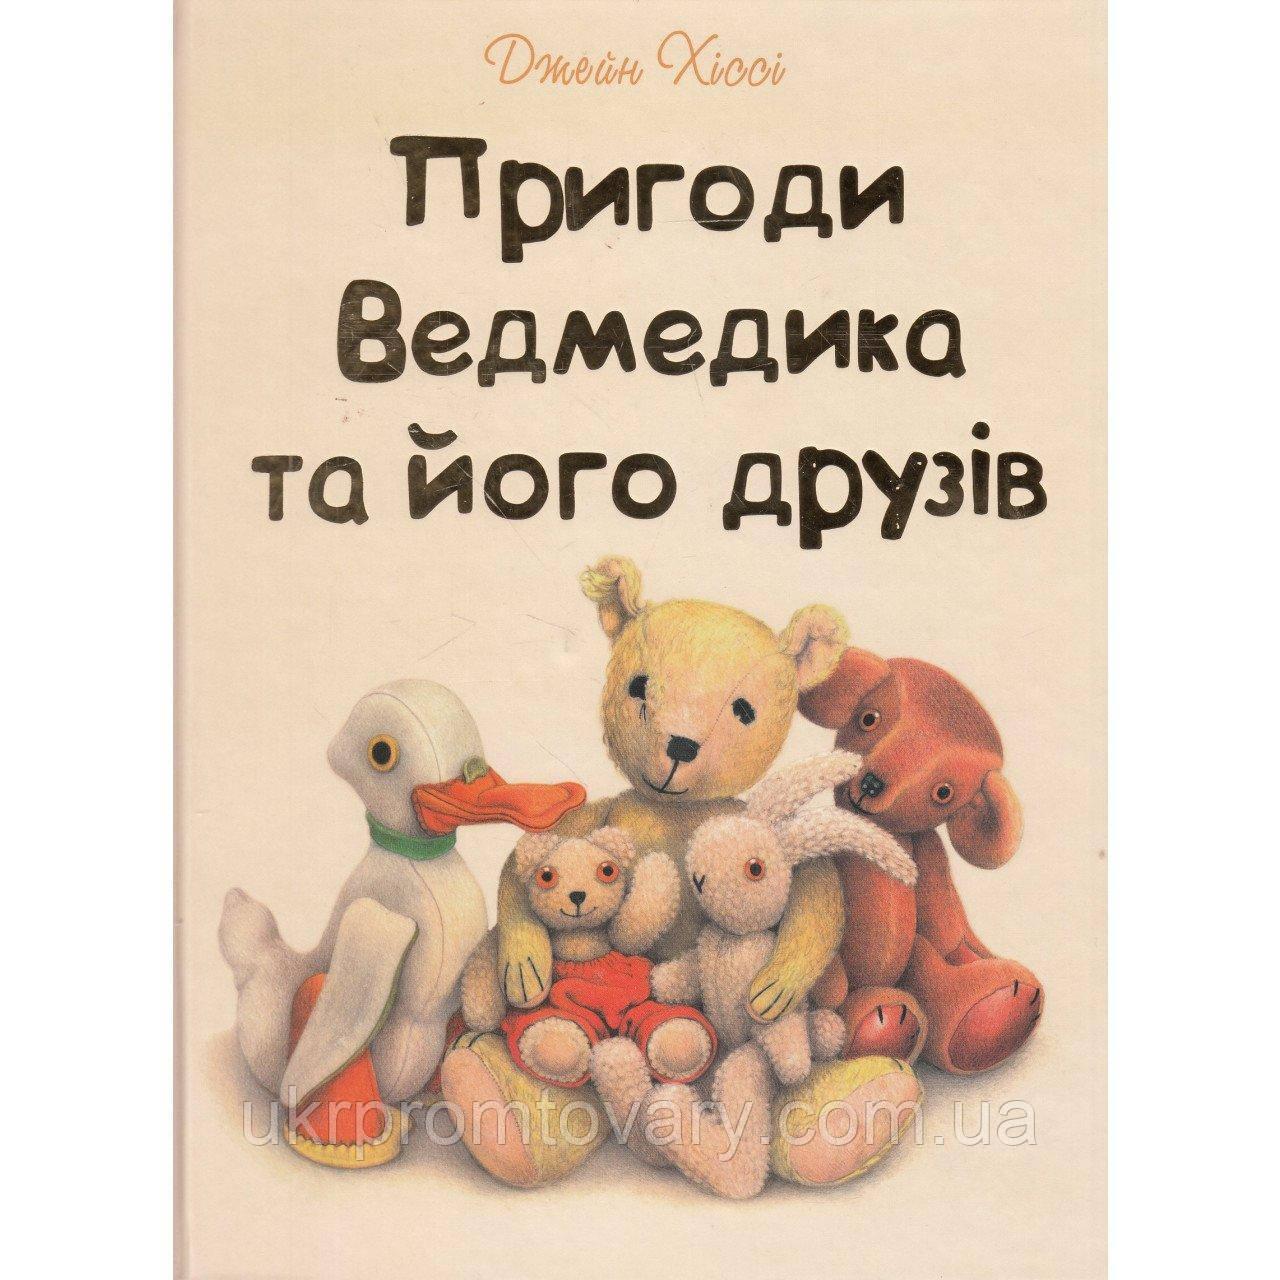 Пригоди Ведмедика та його друзів. Джейн Хіссі. Книга детская для дітей.